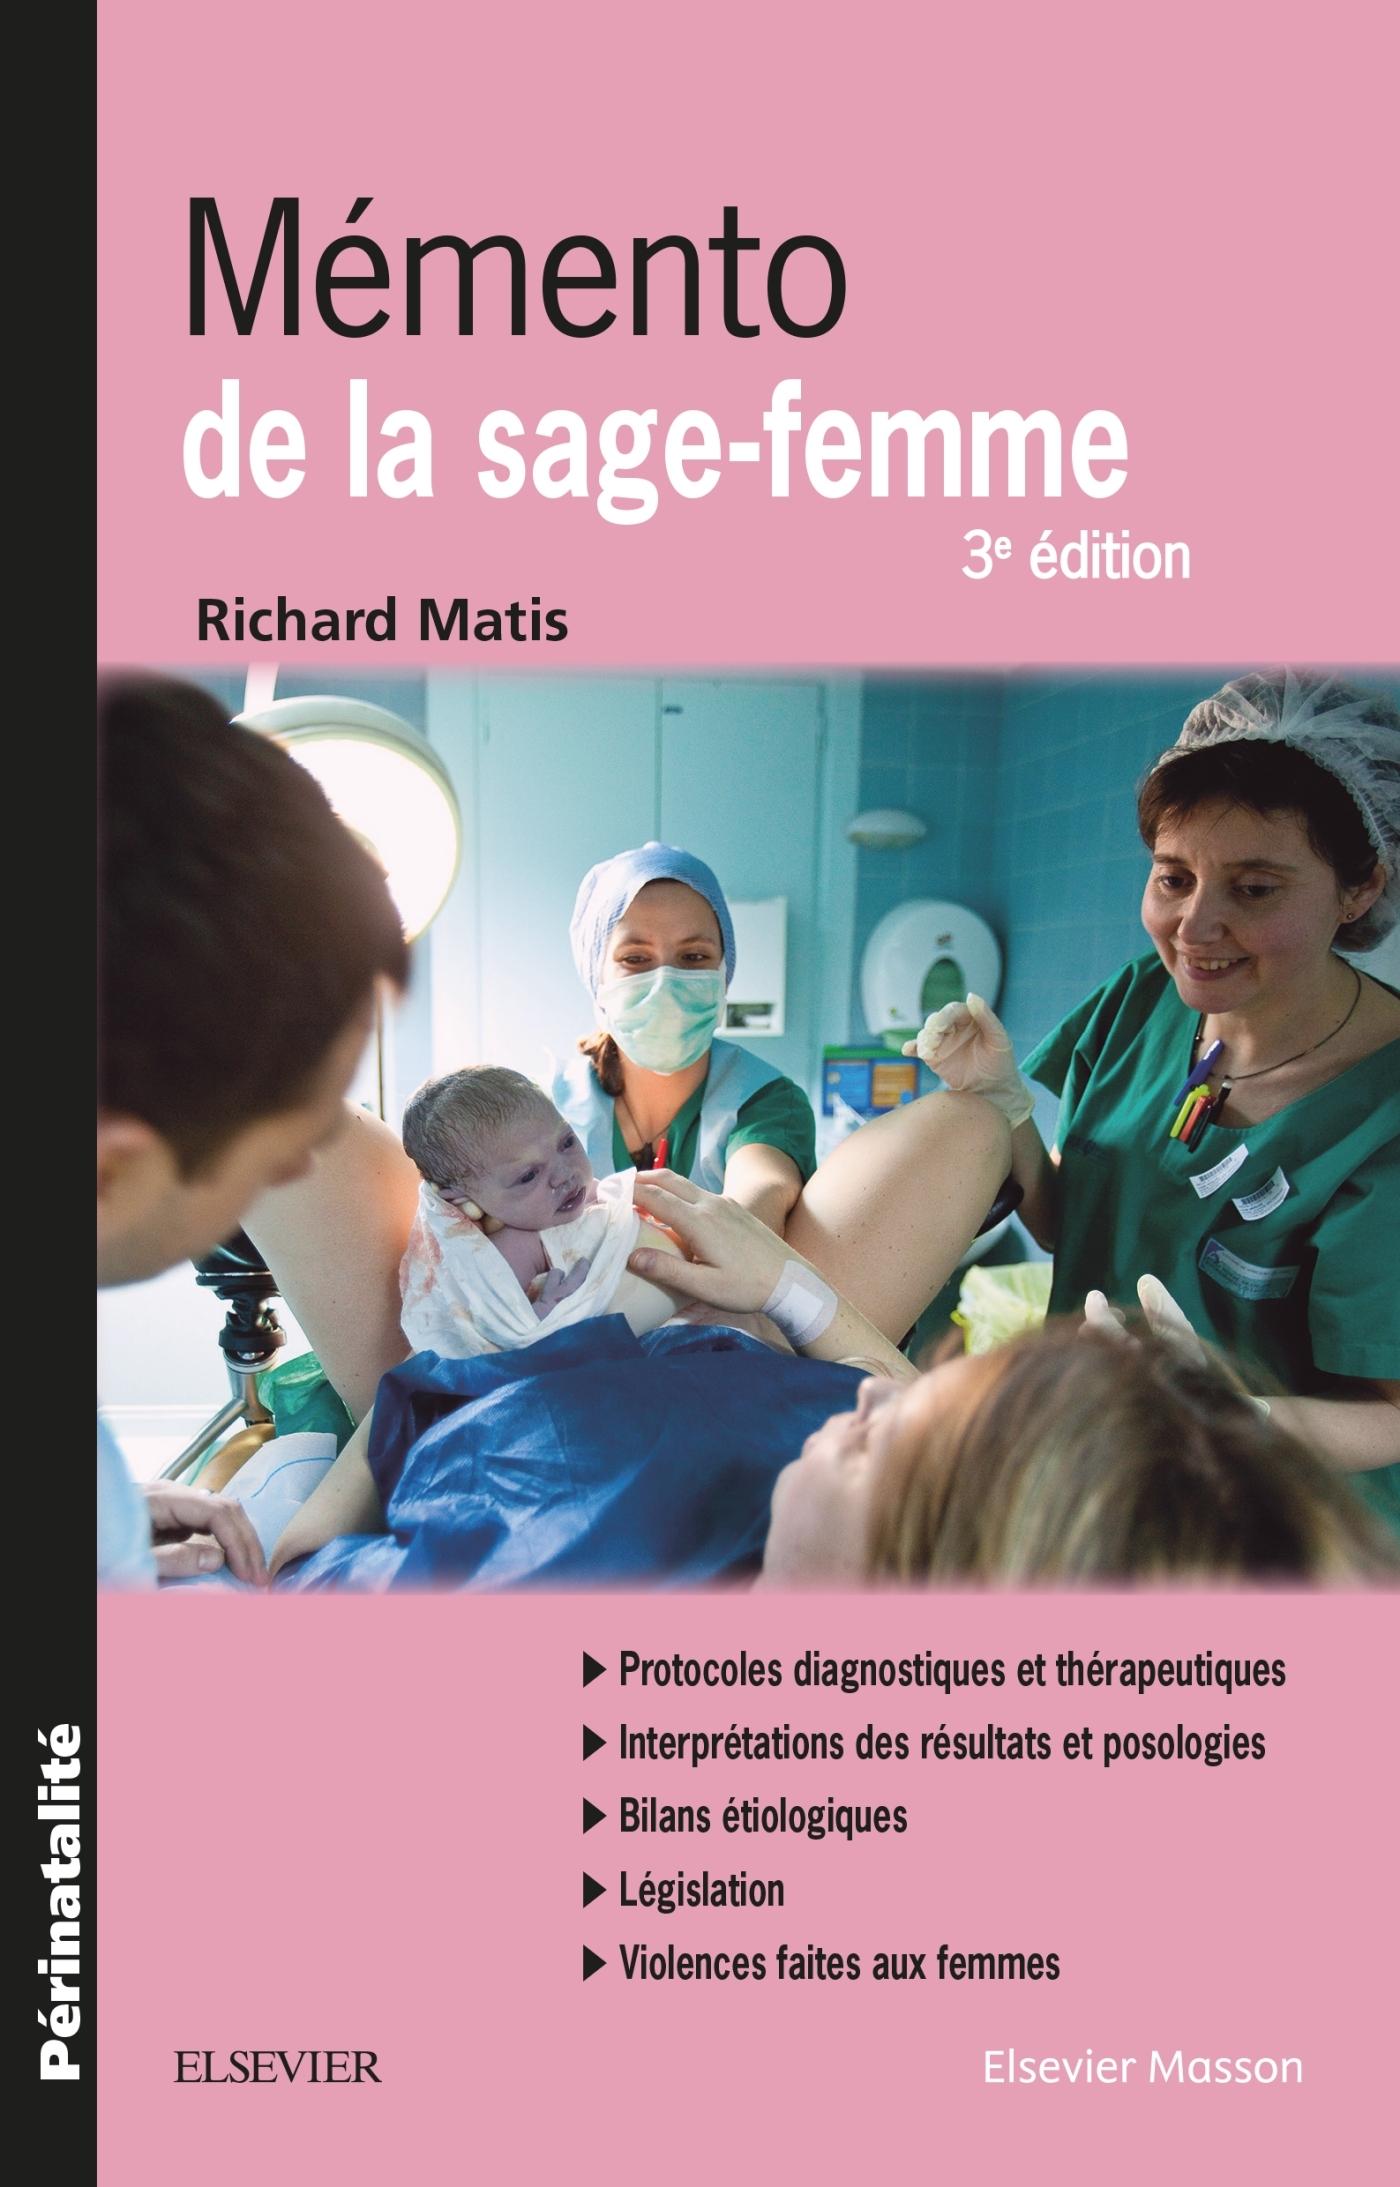 MEMENTO DE LA SAGE-FEMME